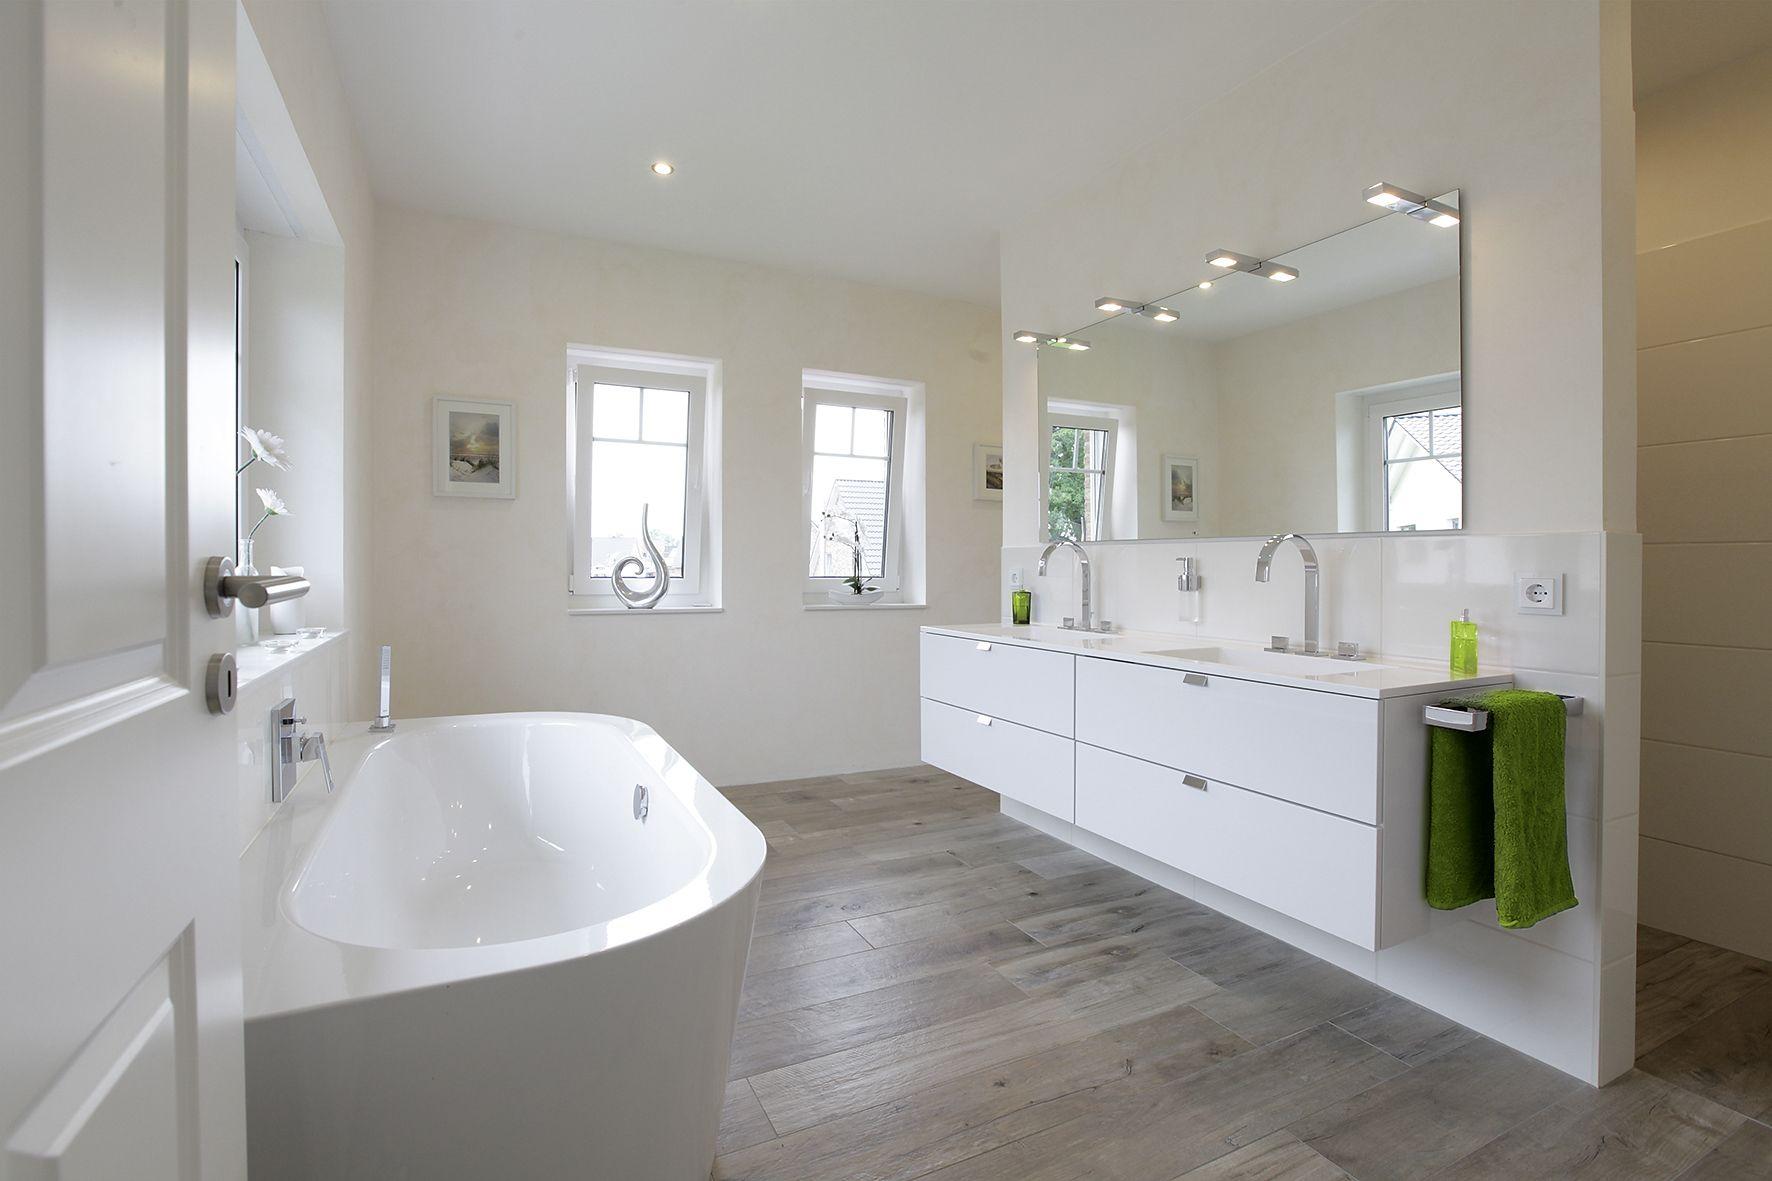 Grosses Badezimmer Mit Gefliester Dusche Doppelwaschtisch Und Stylischer Badewanne Dusche Fliesen Grosse Badezimmer Badezimmer